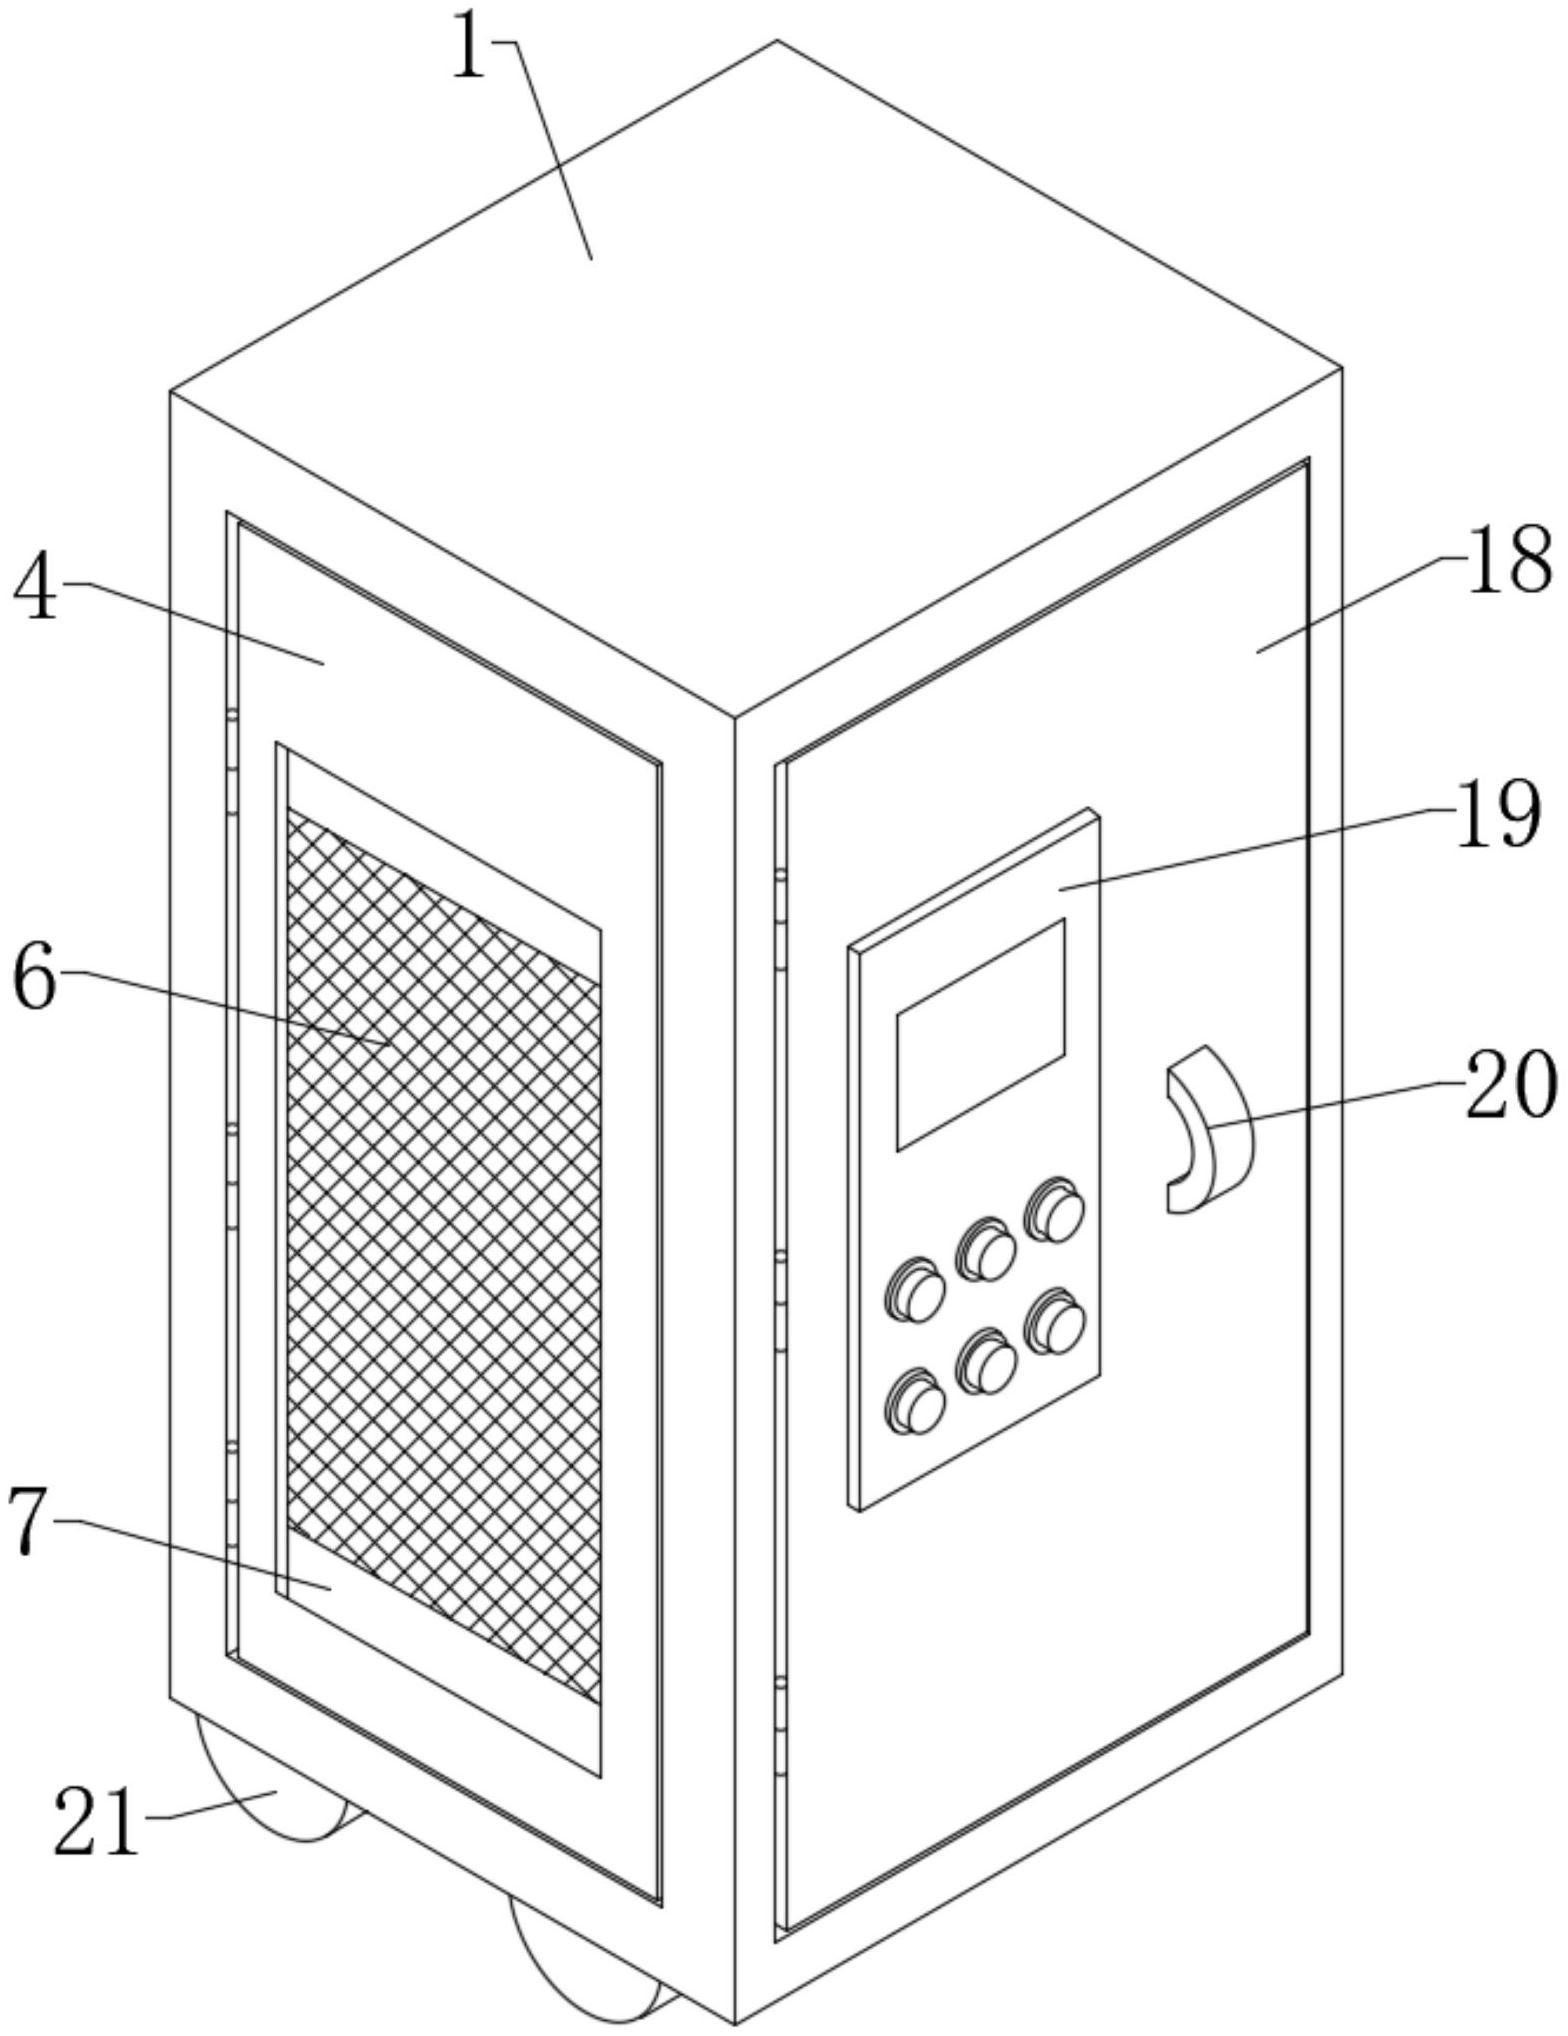 一种基于风冷技术的控制柜